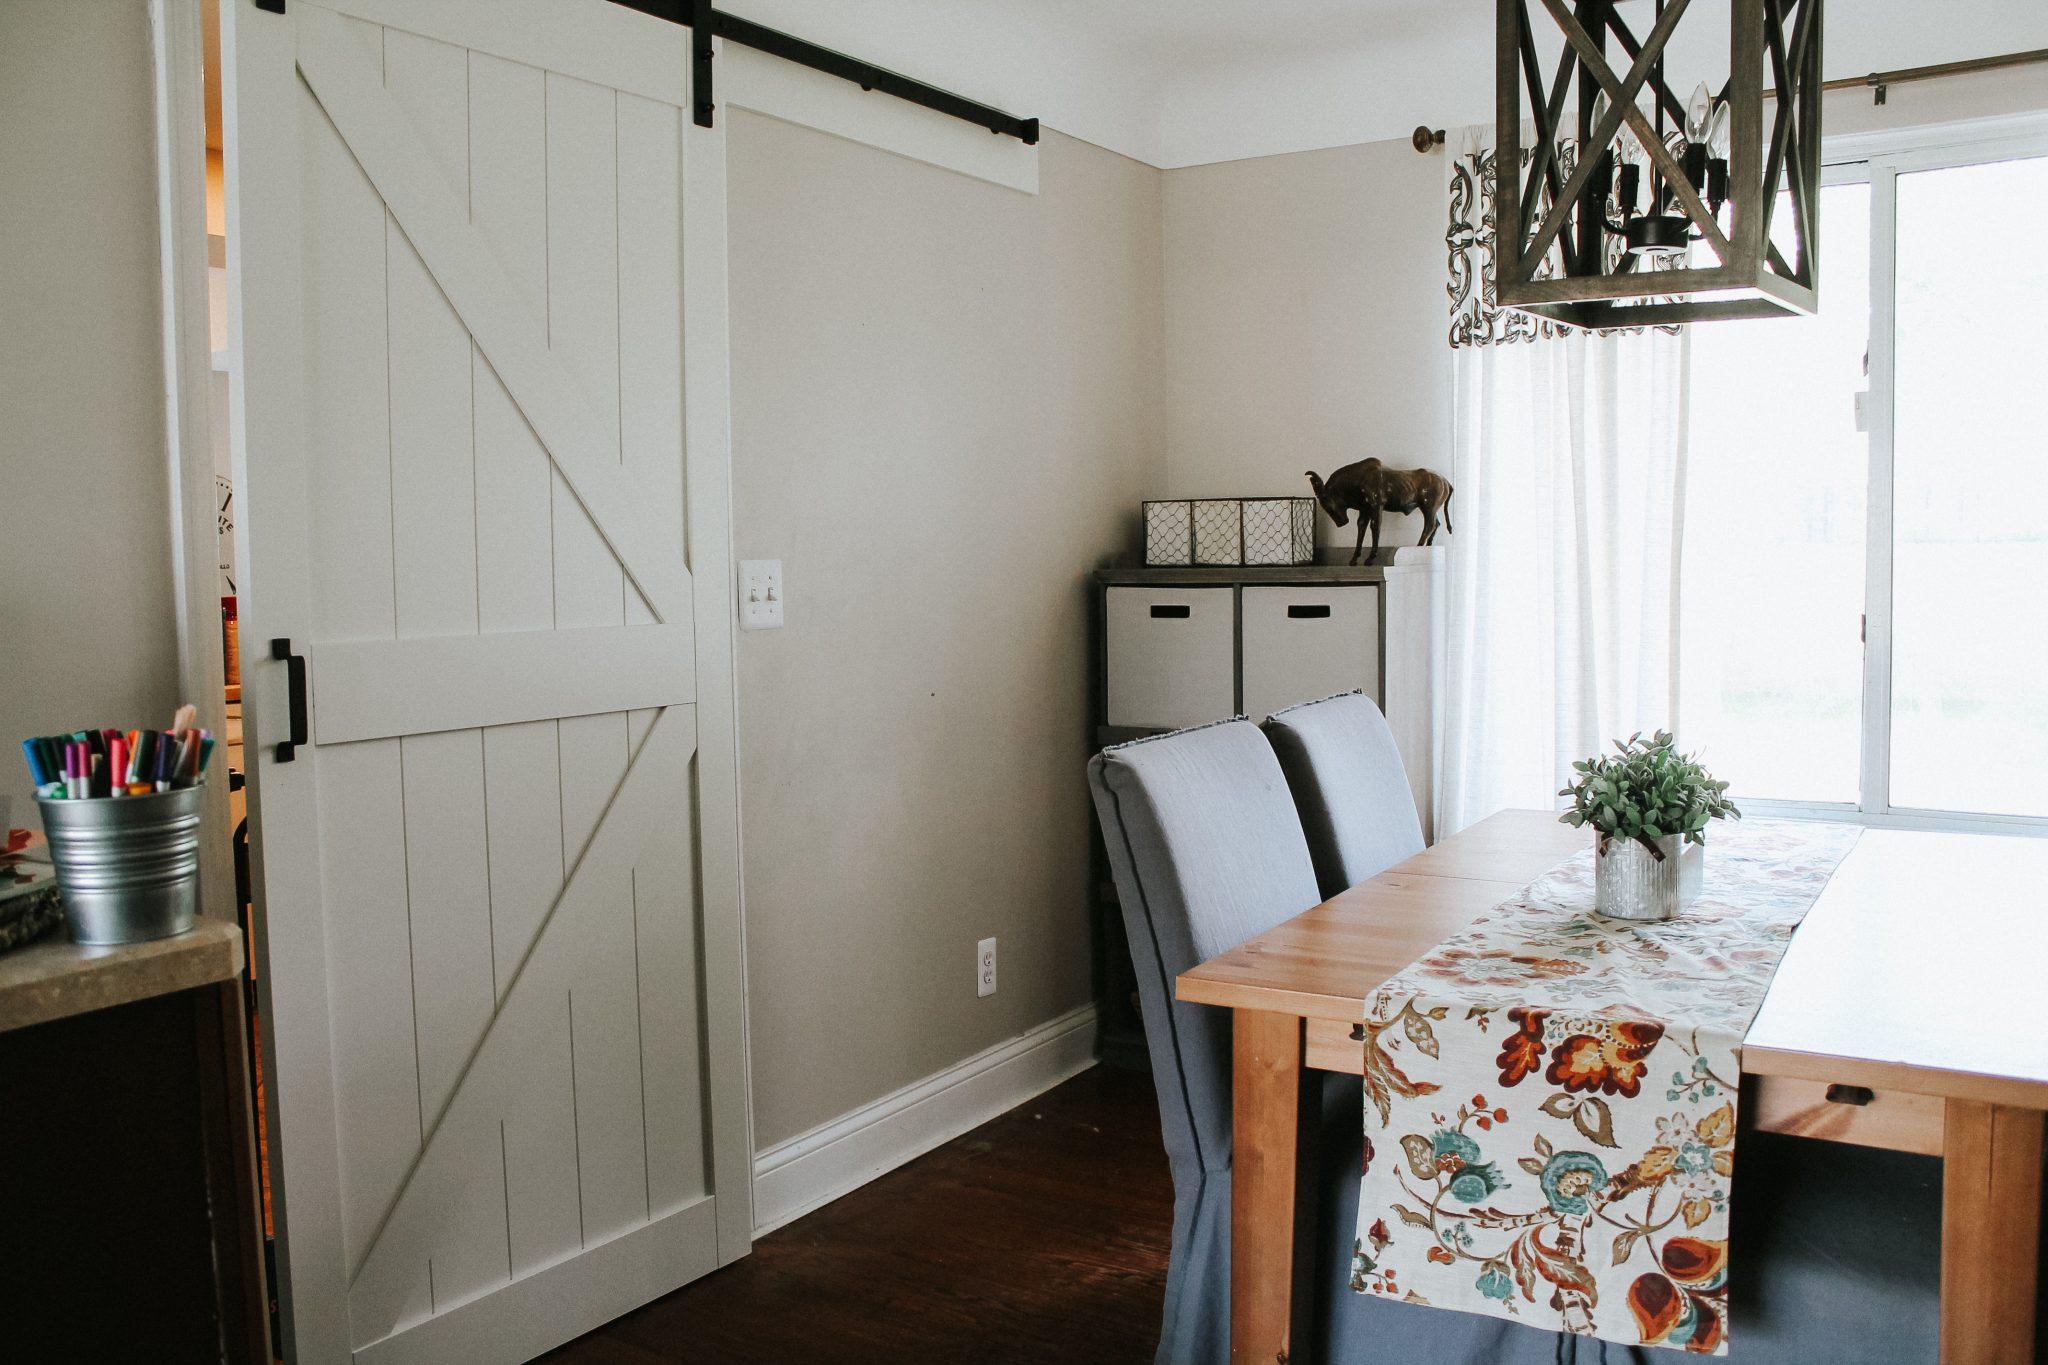 Adding a Barn Door to an Existing Doorway